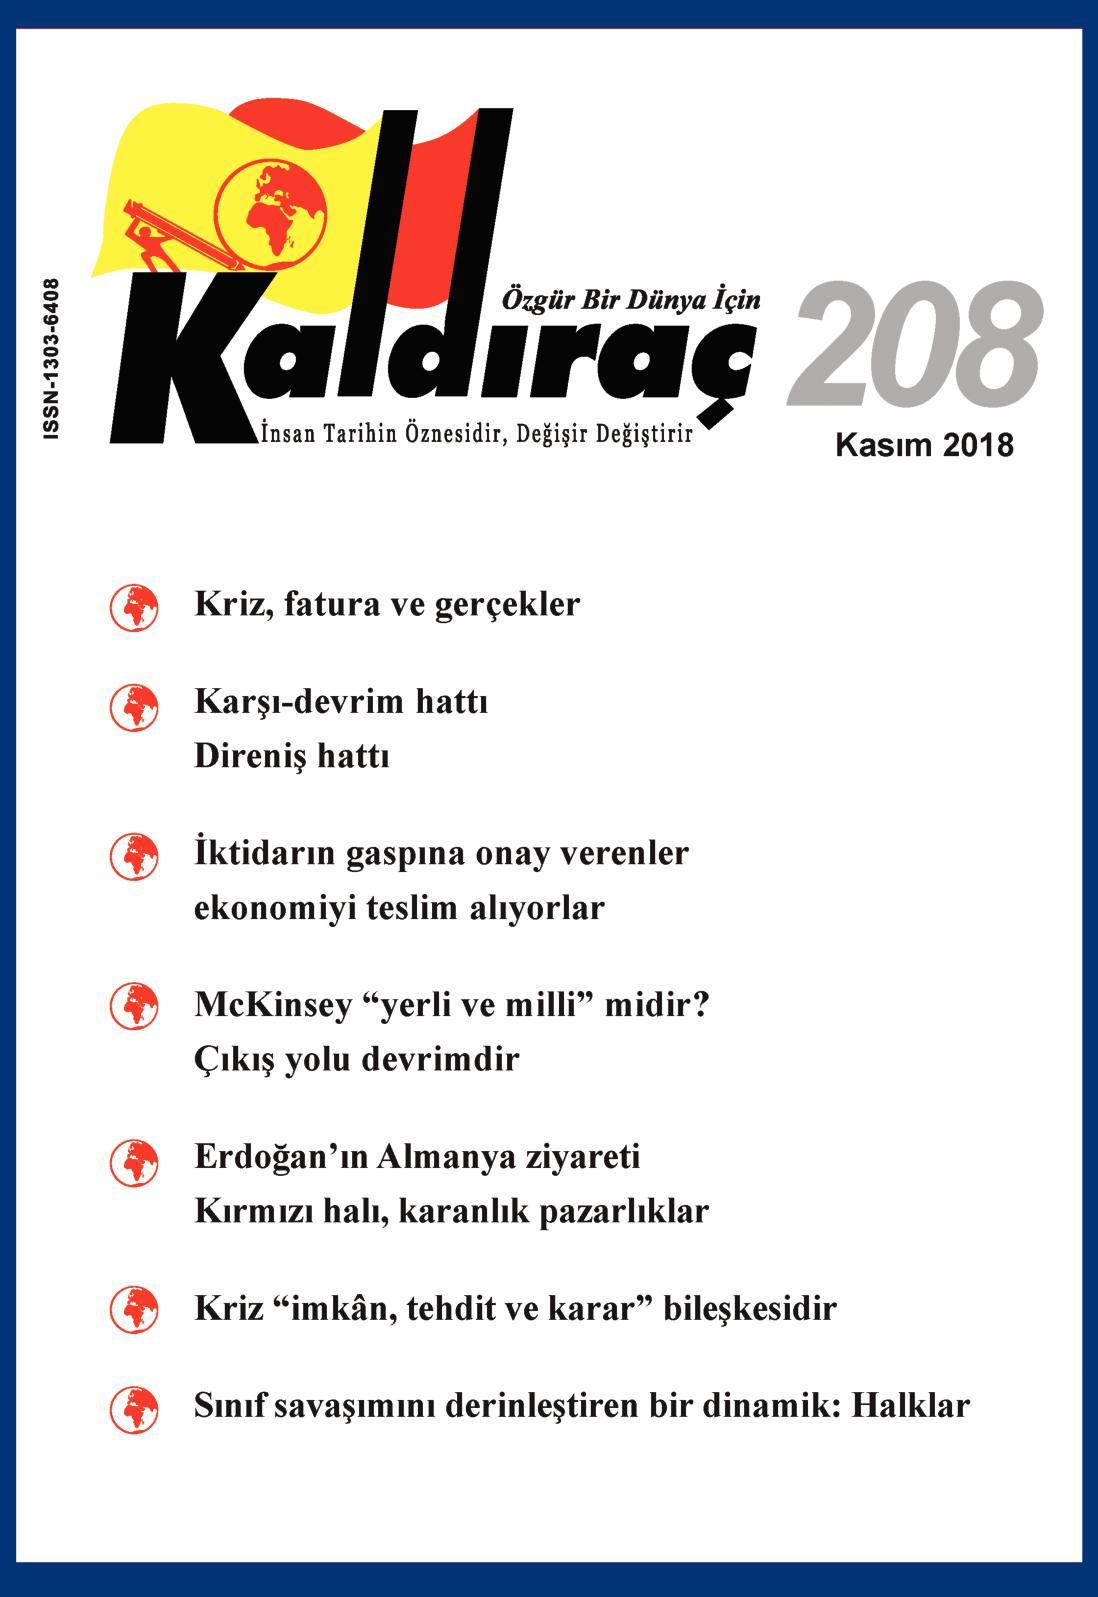 Uğur Gürses: Türkiye petrol ülkesi değil, krizi aşmak için yeni bir hikaye yazmalı 28